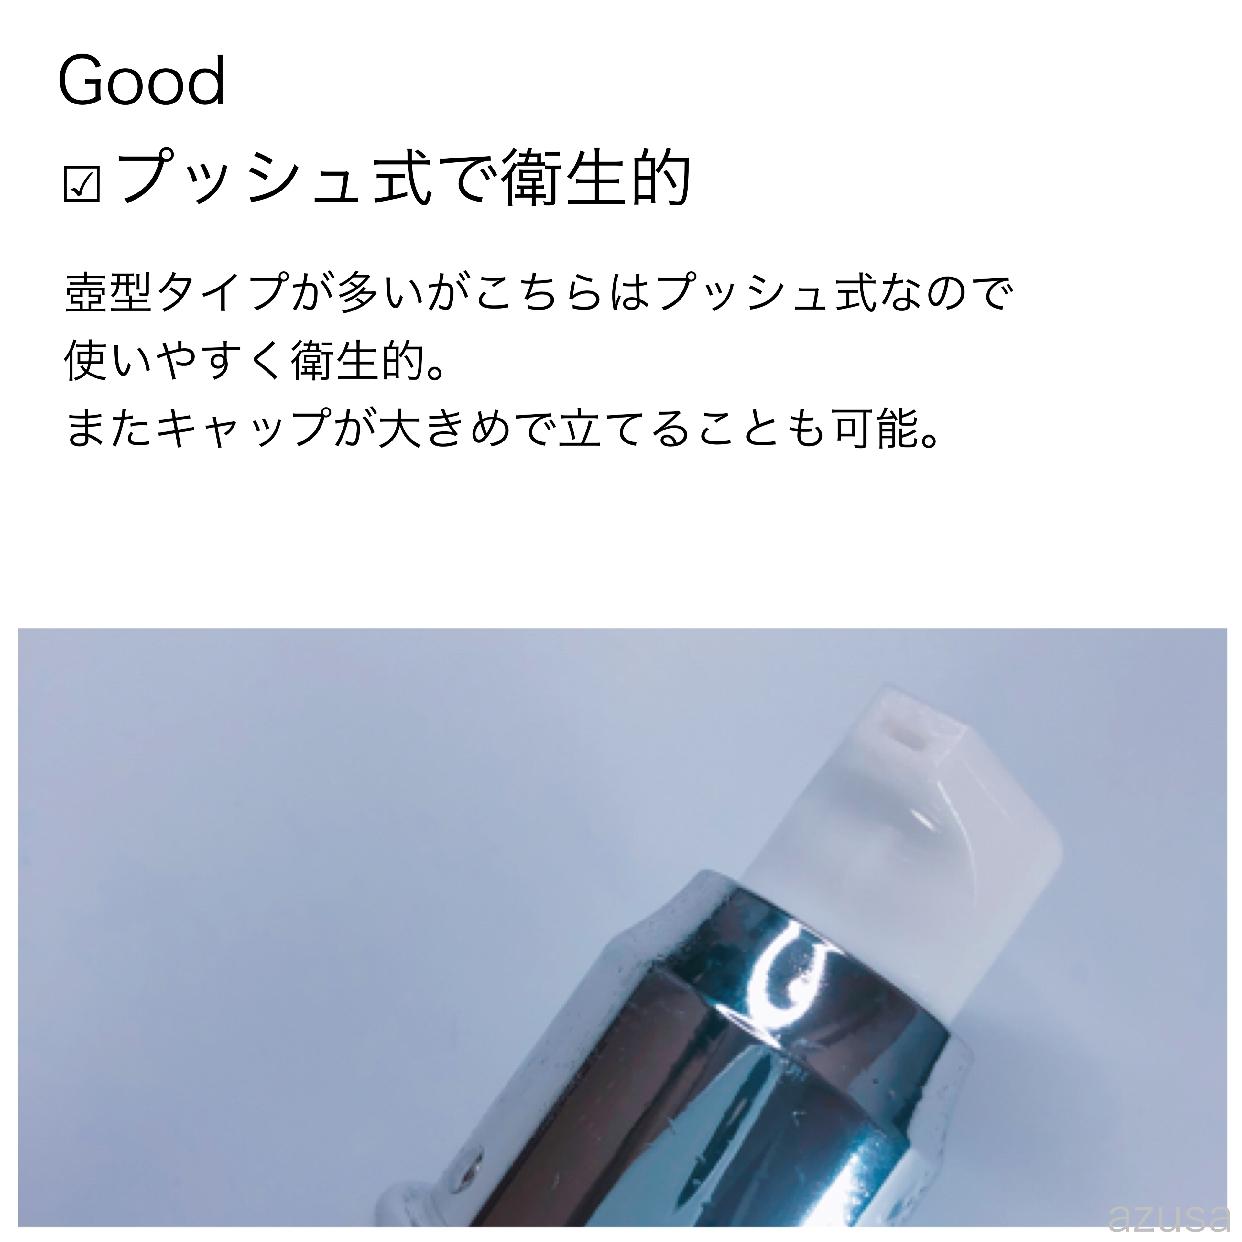 KISO(キソ) ステム セルフ クリームを使ったあずささんのクチコミ画像3